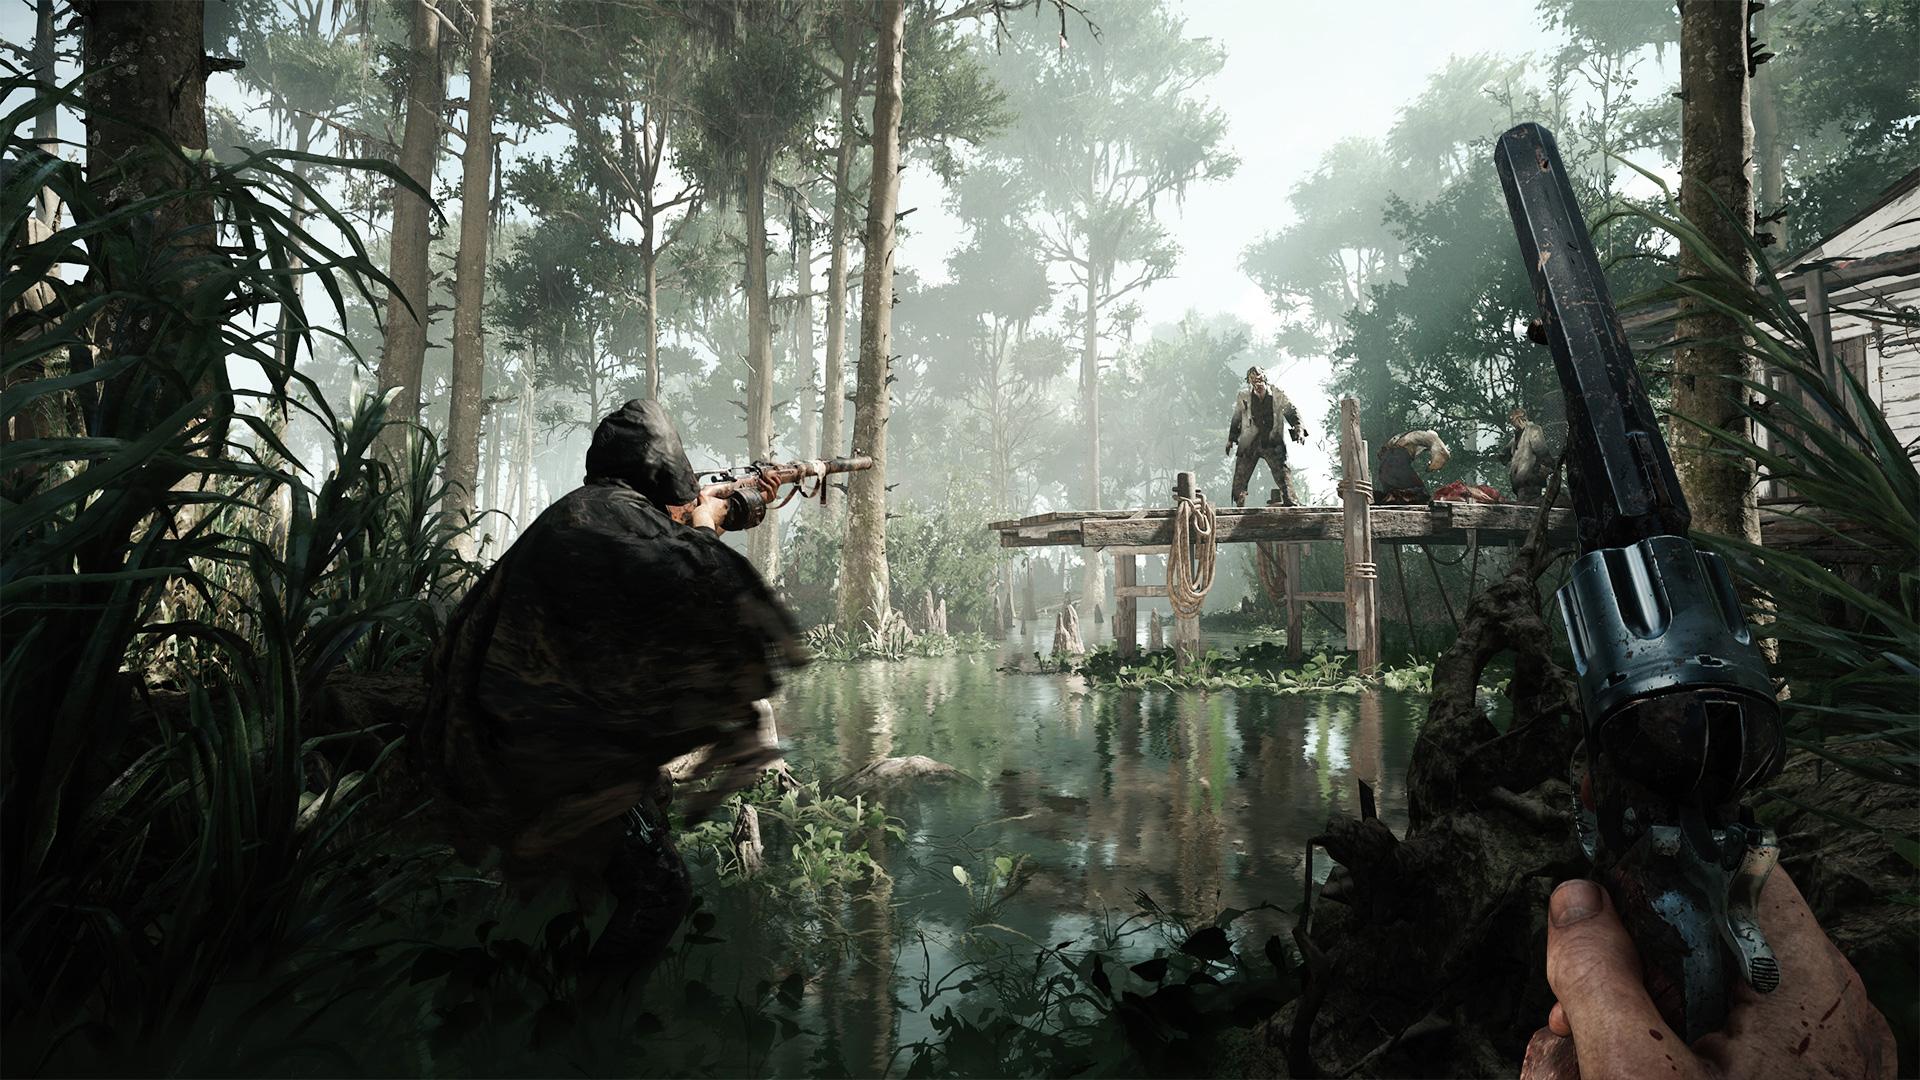 """Online-Ballermänner mit Grusel-Schlagseite: Cryteks """"Hunt: Showdown"""" gehört zu den Nominierten für das Spiel des Jahres."""